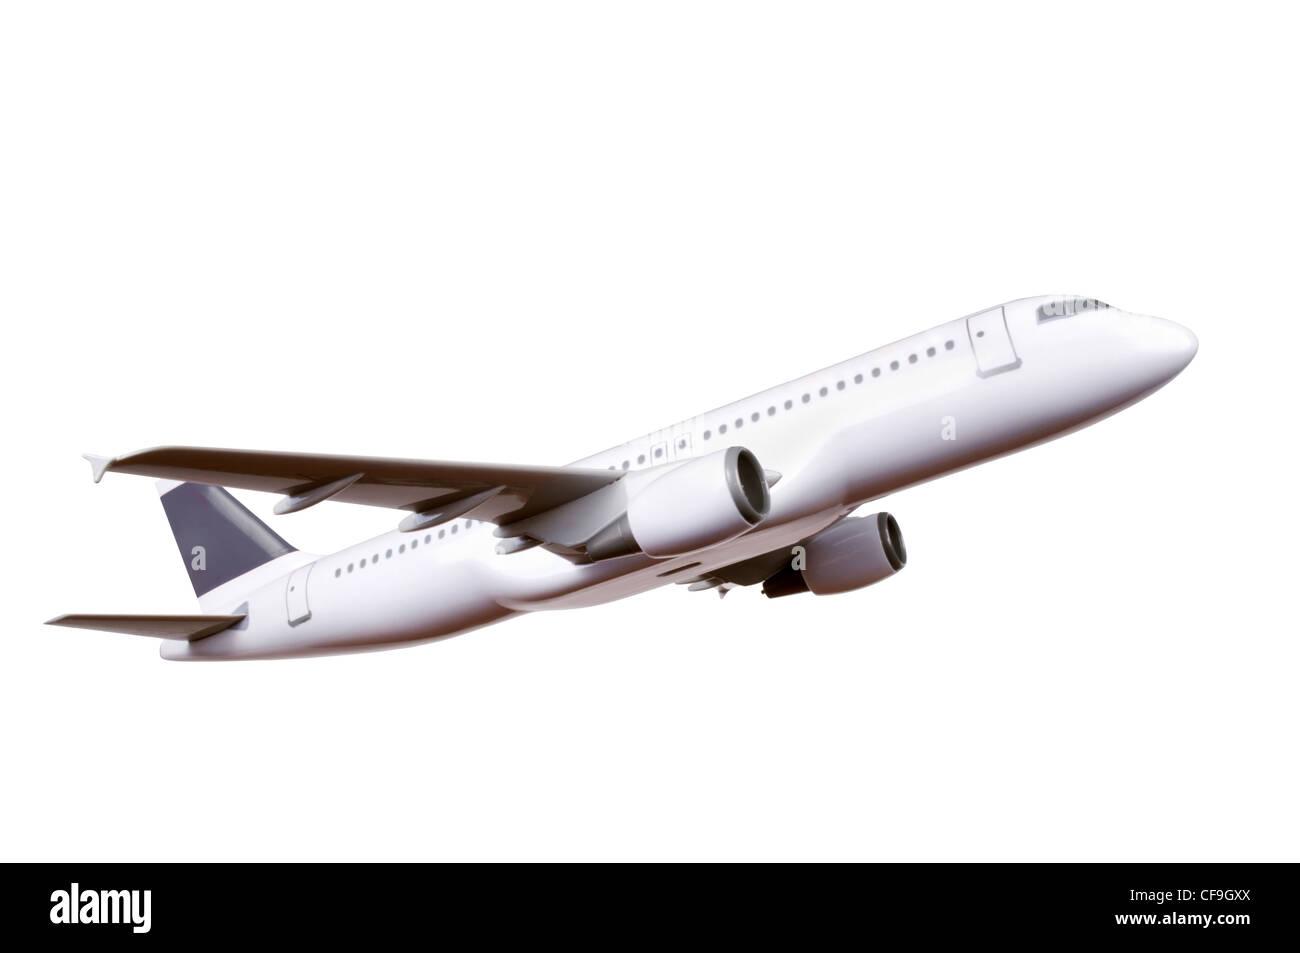 Modèle d'avion commercial isolé sur fond blanc Photo Stock